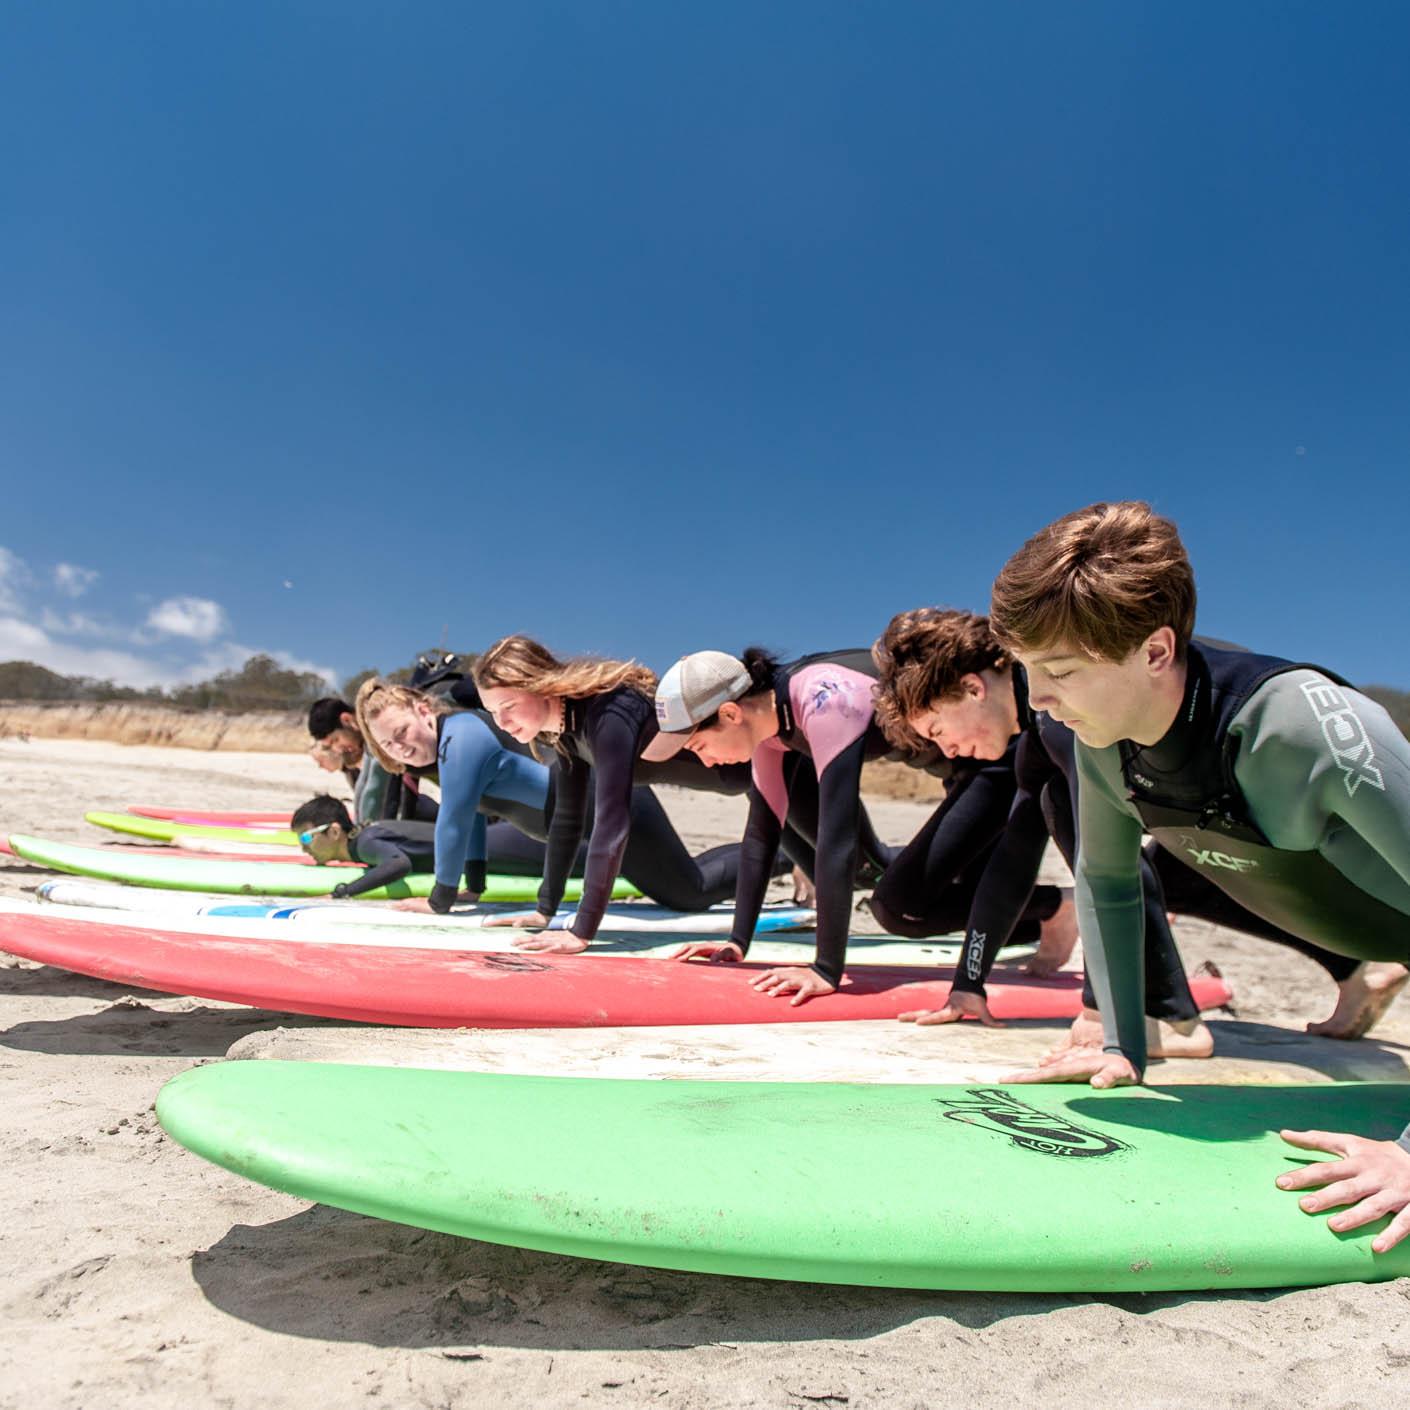 California Explorer surfing